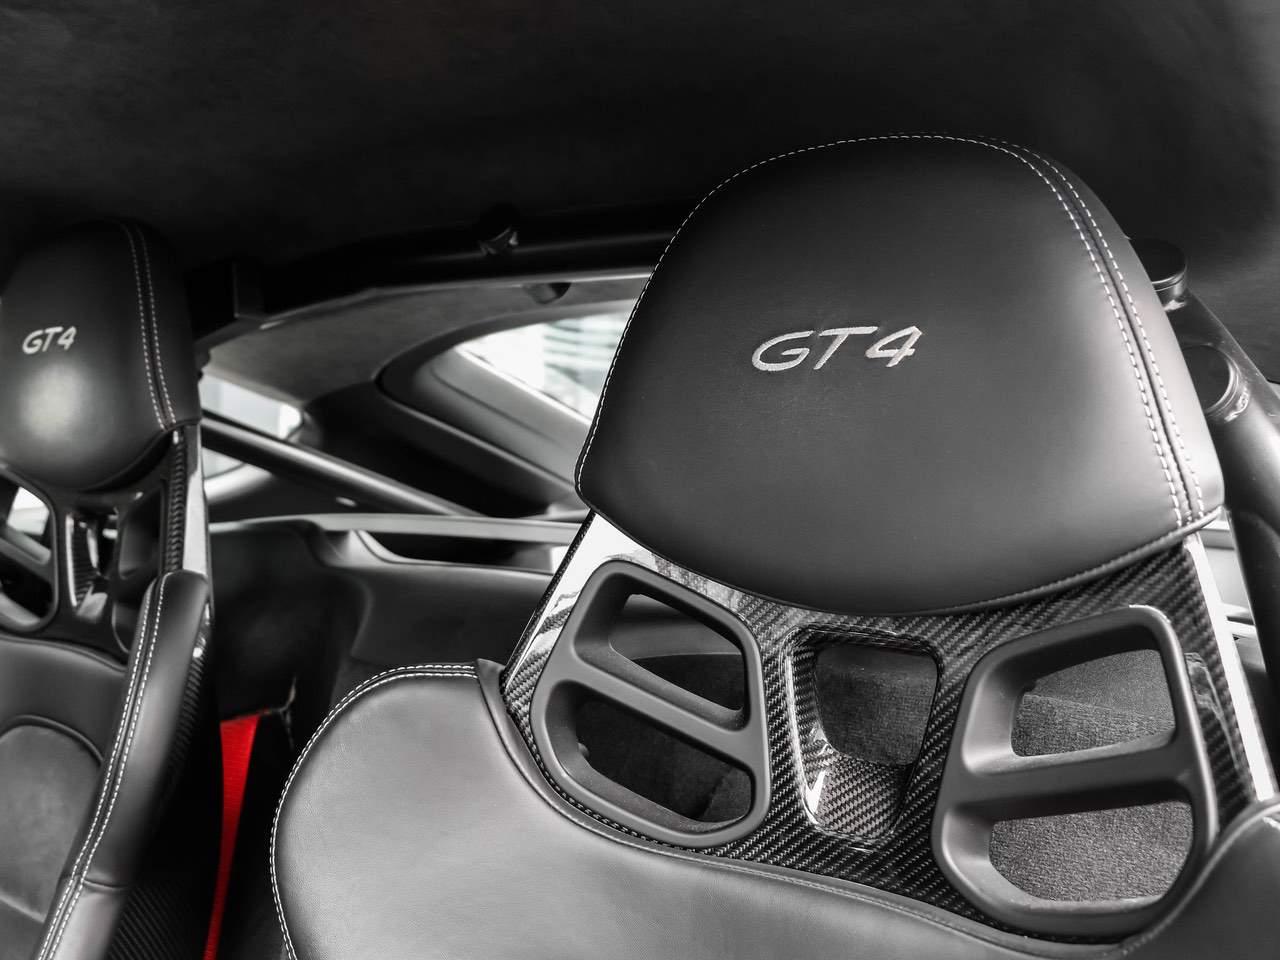 Porsche-Cayman-981-GT4-12